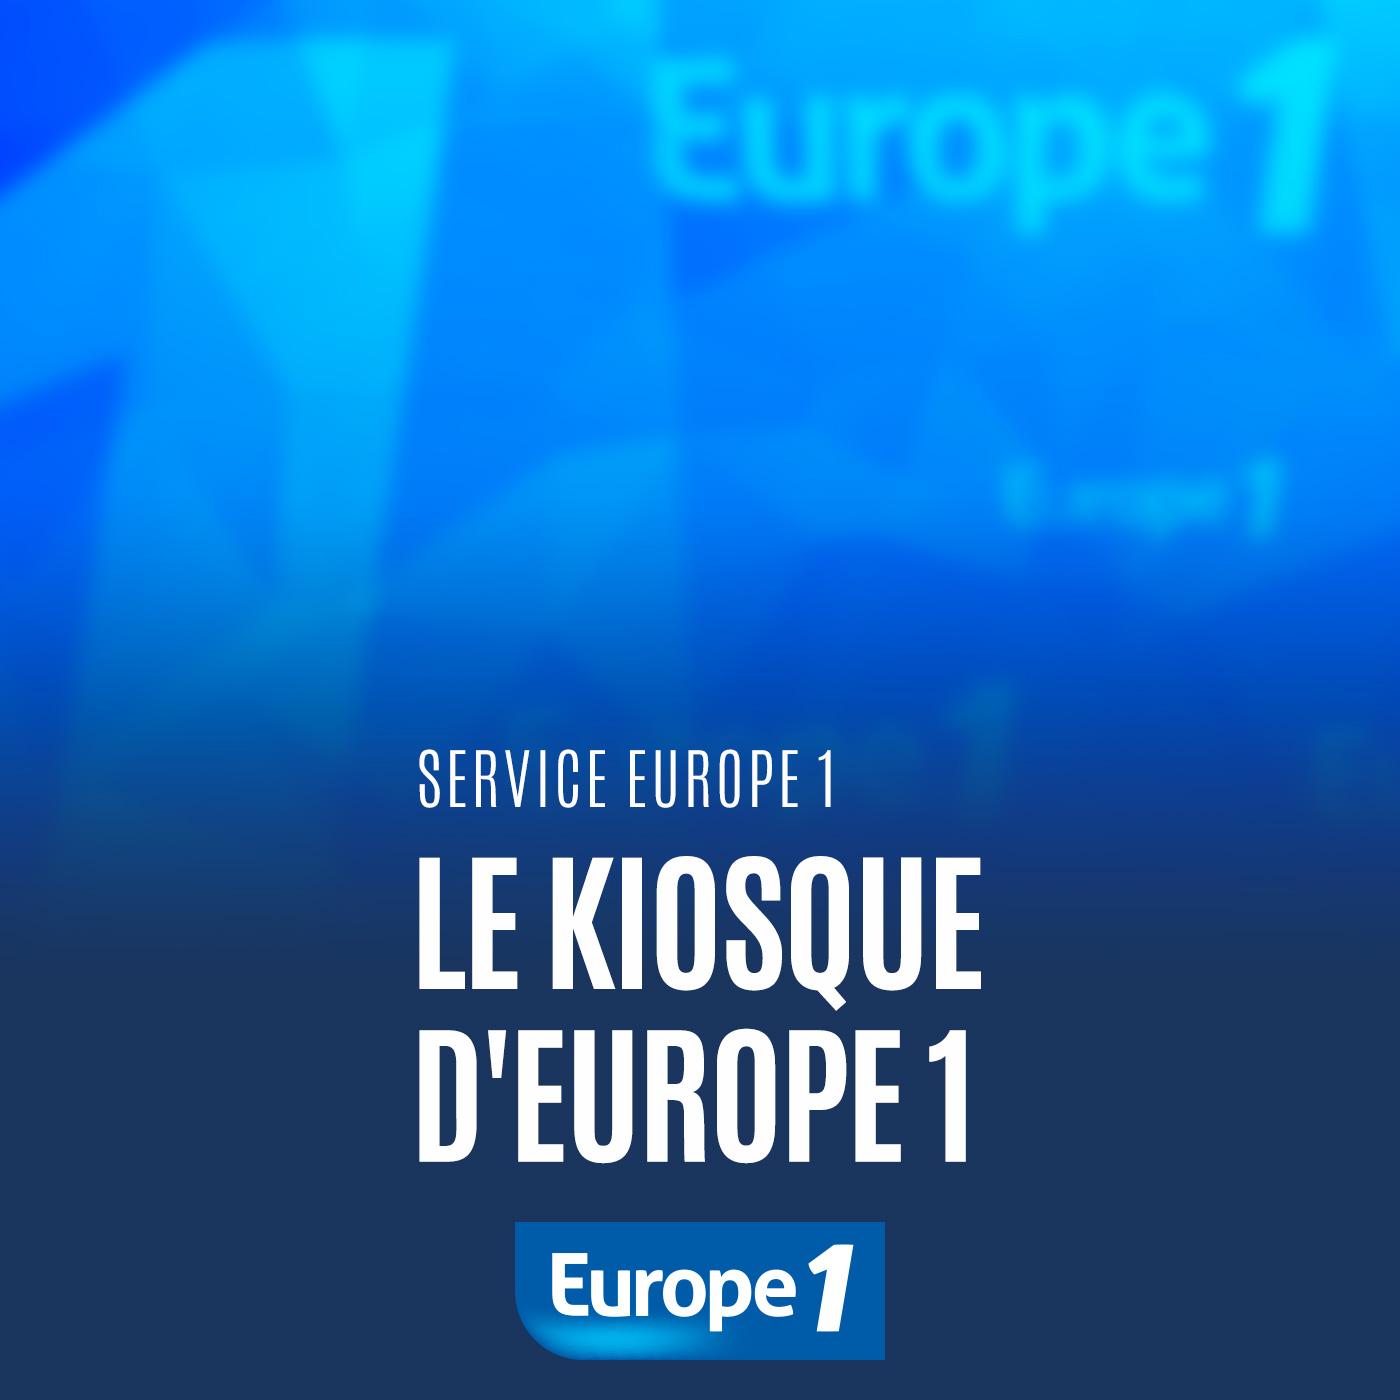 Image 1: Le kiosque D Europe 1